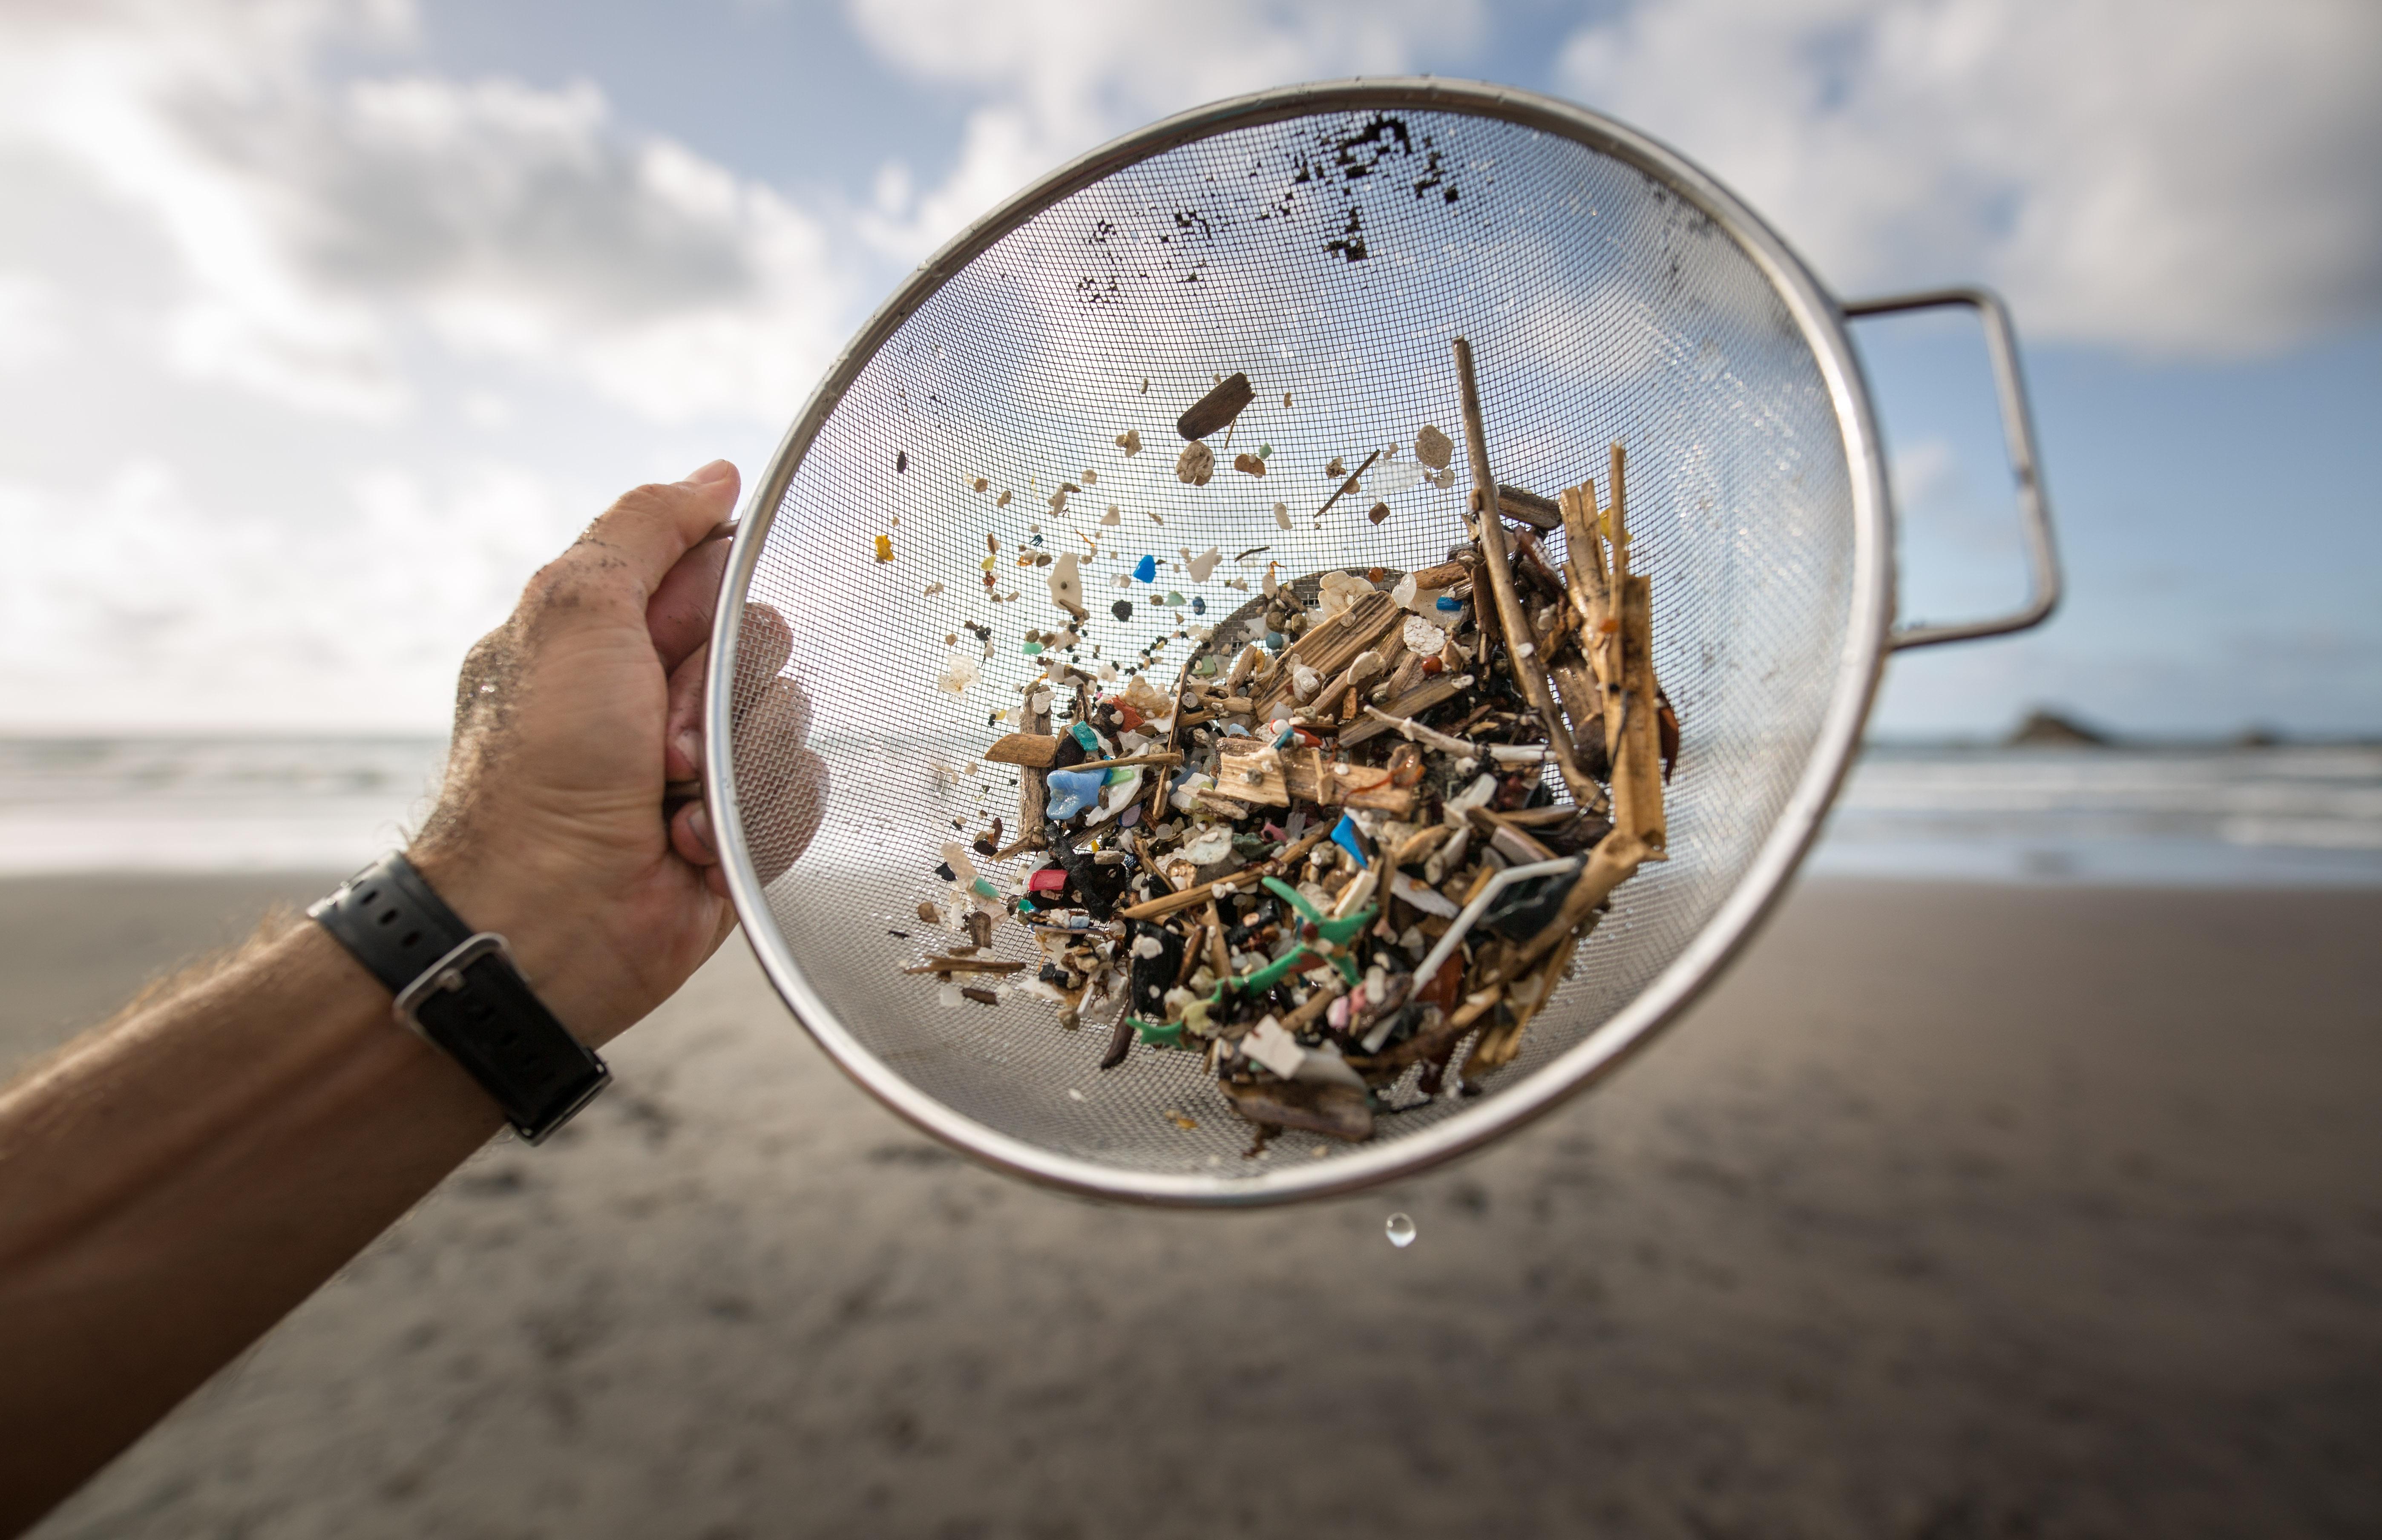 Vízpárában tér vissza hozzánk a tengerbe ömlesztett műanyag